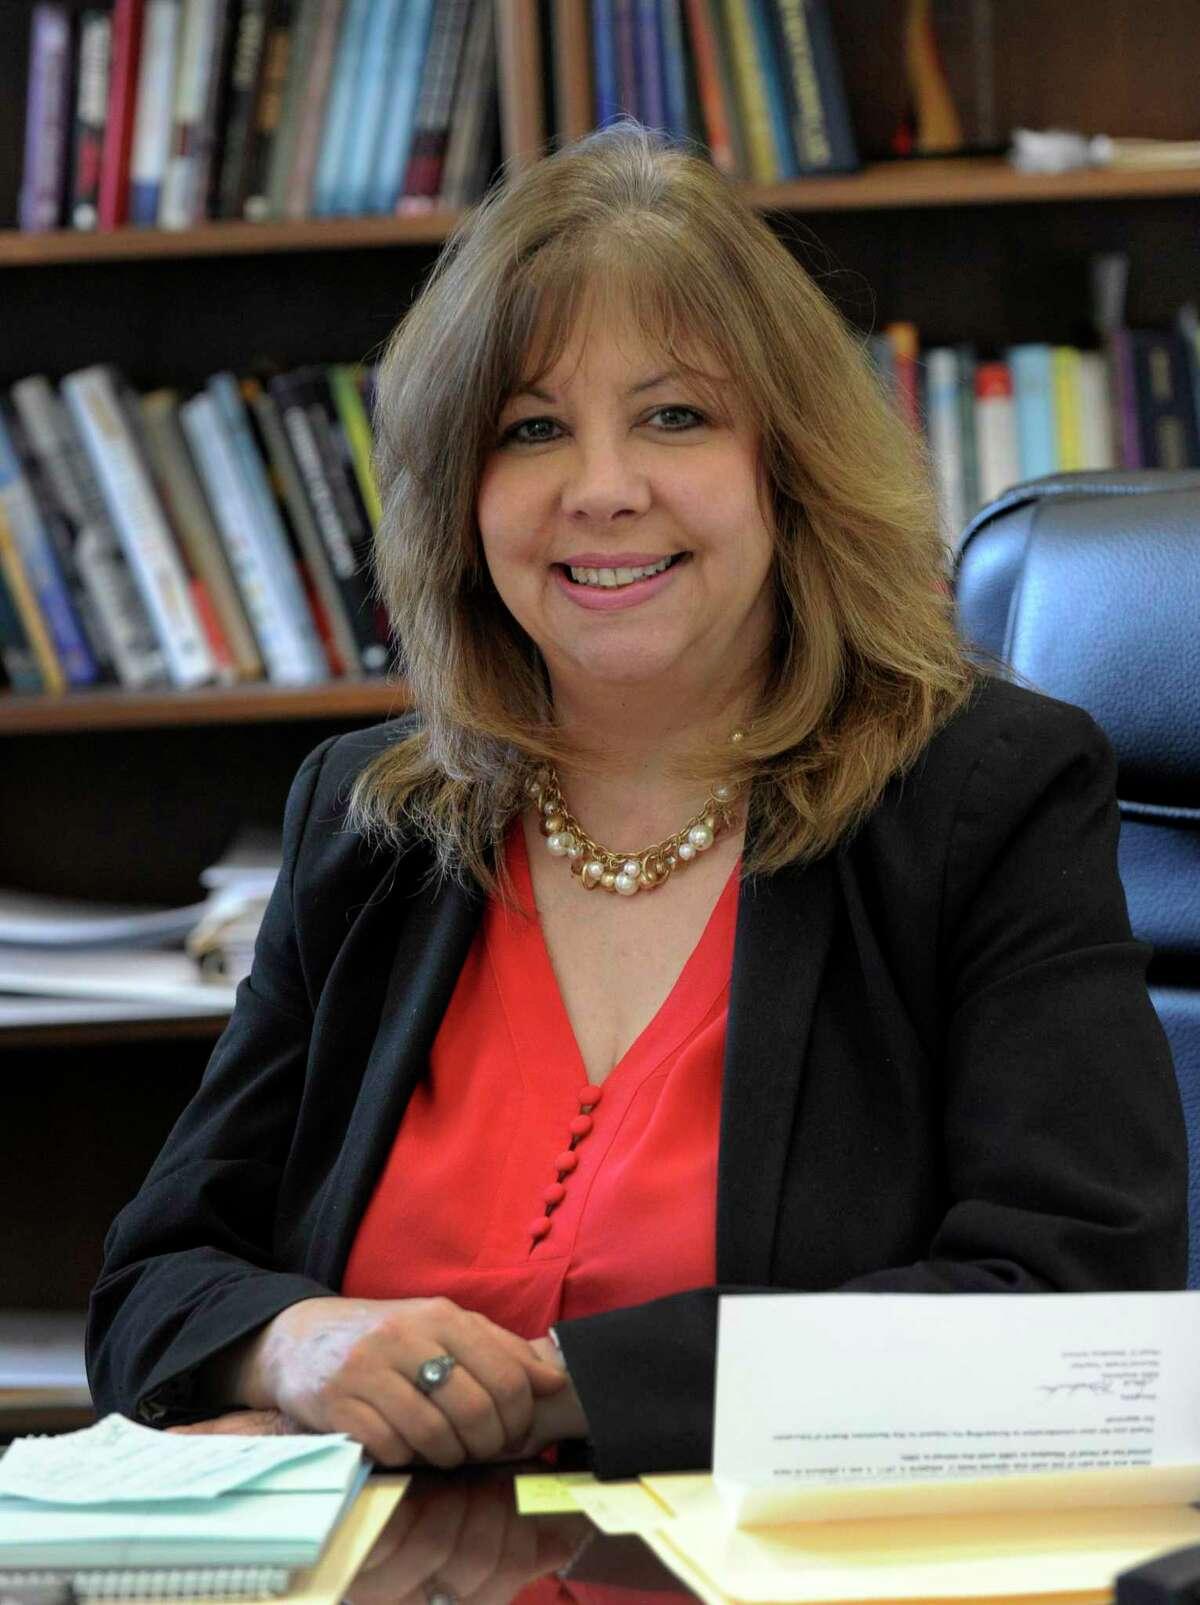 Lorrie Rodrigue, Newtown schools superintendent. Photo Wed., Feb. 28, 2018.